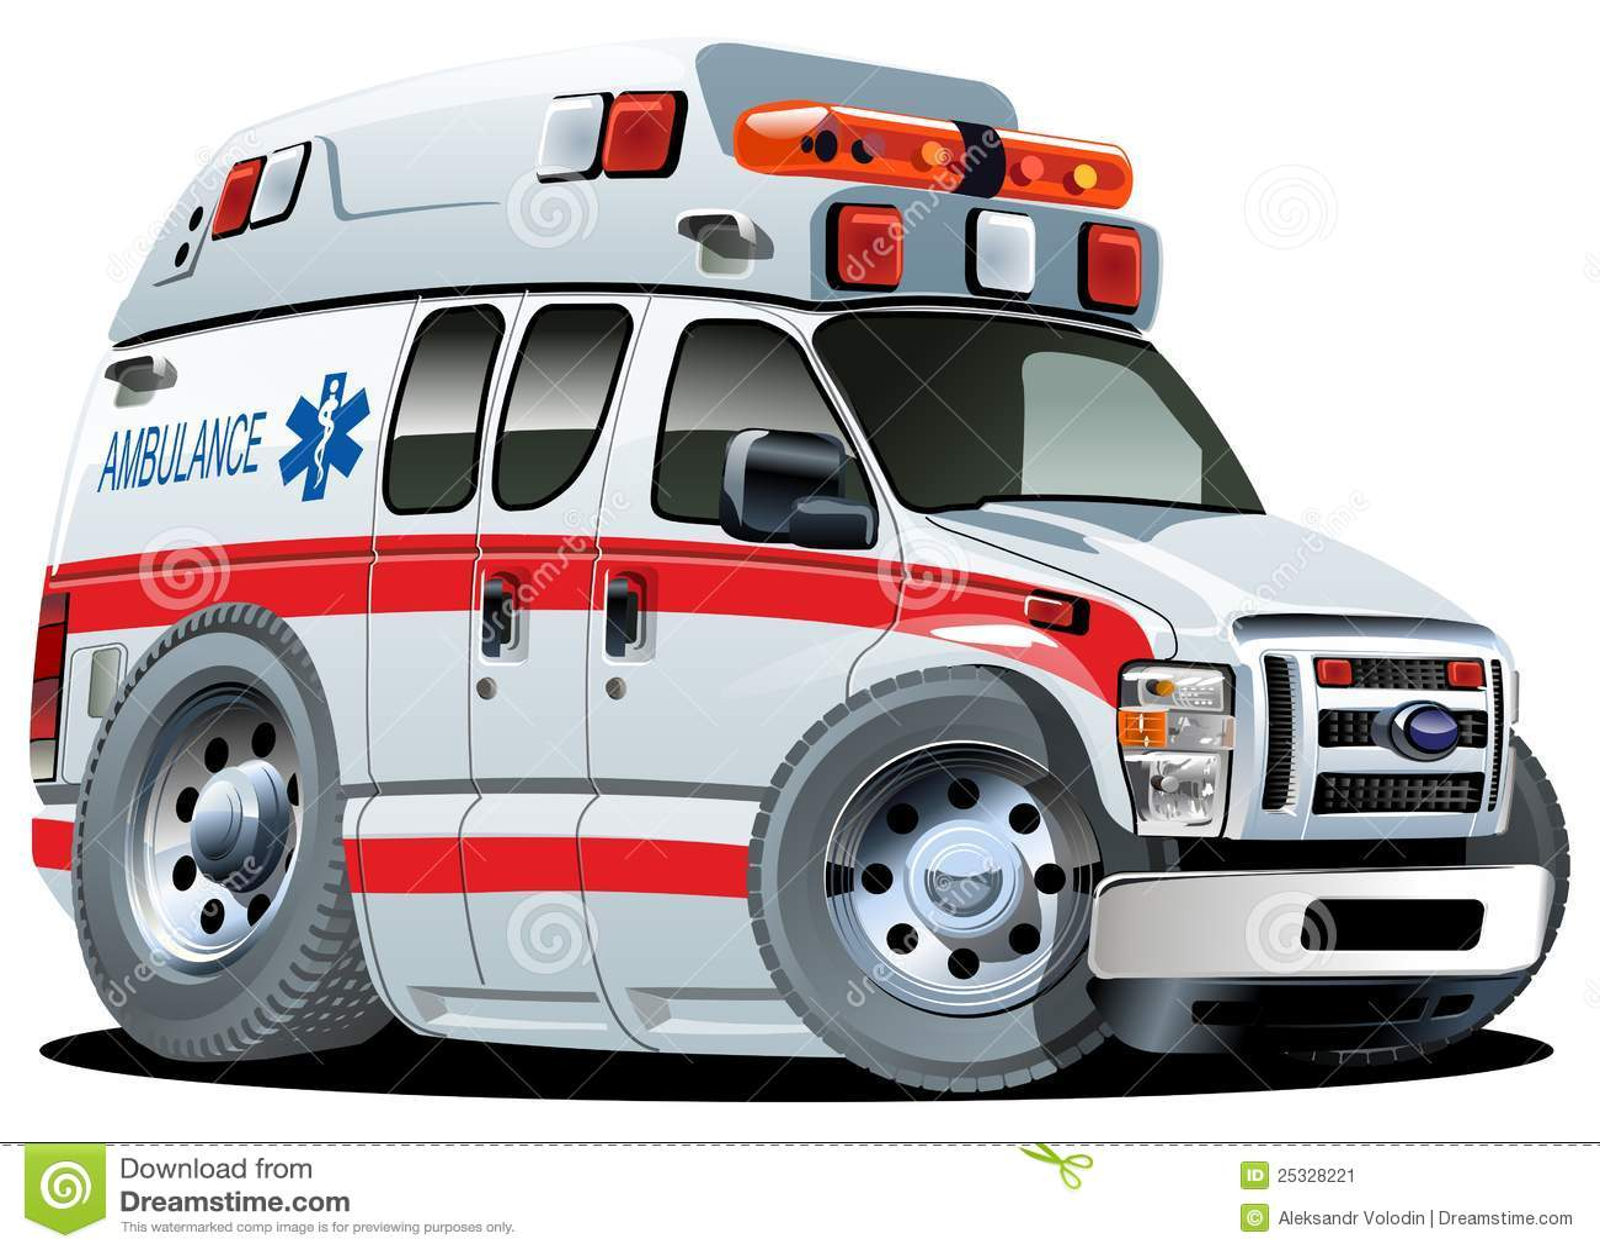 Resultado de imagem para ambulancia desenho 3d